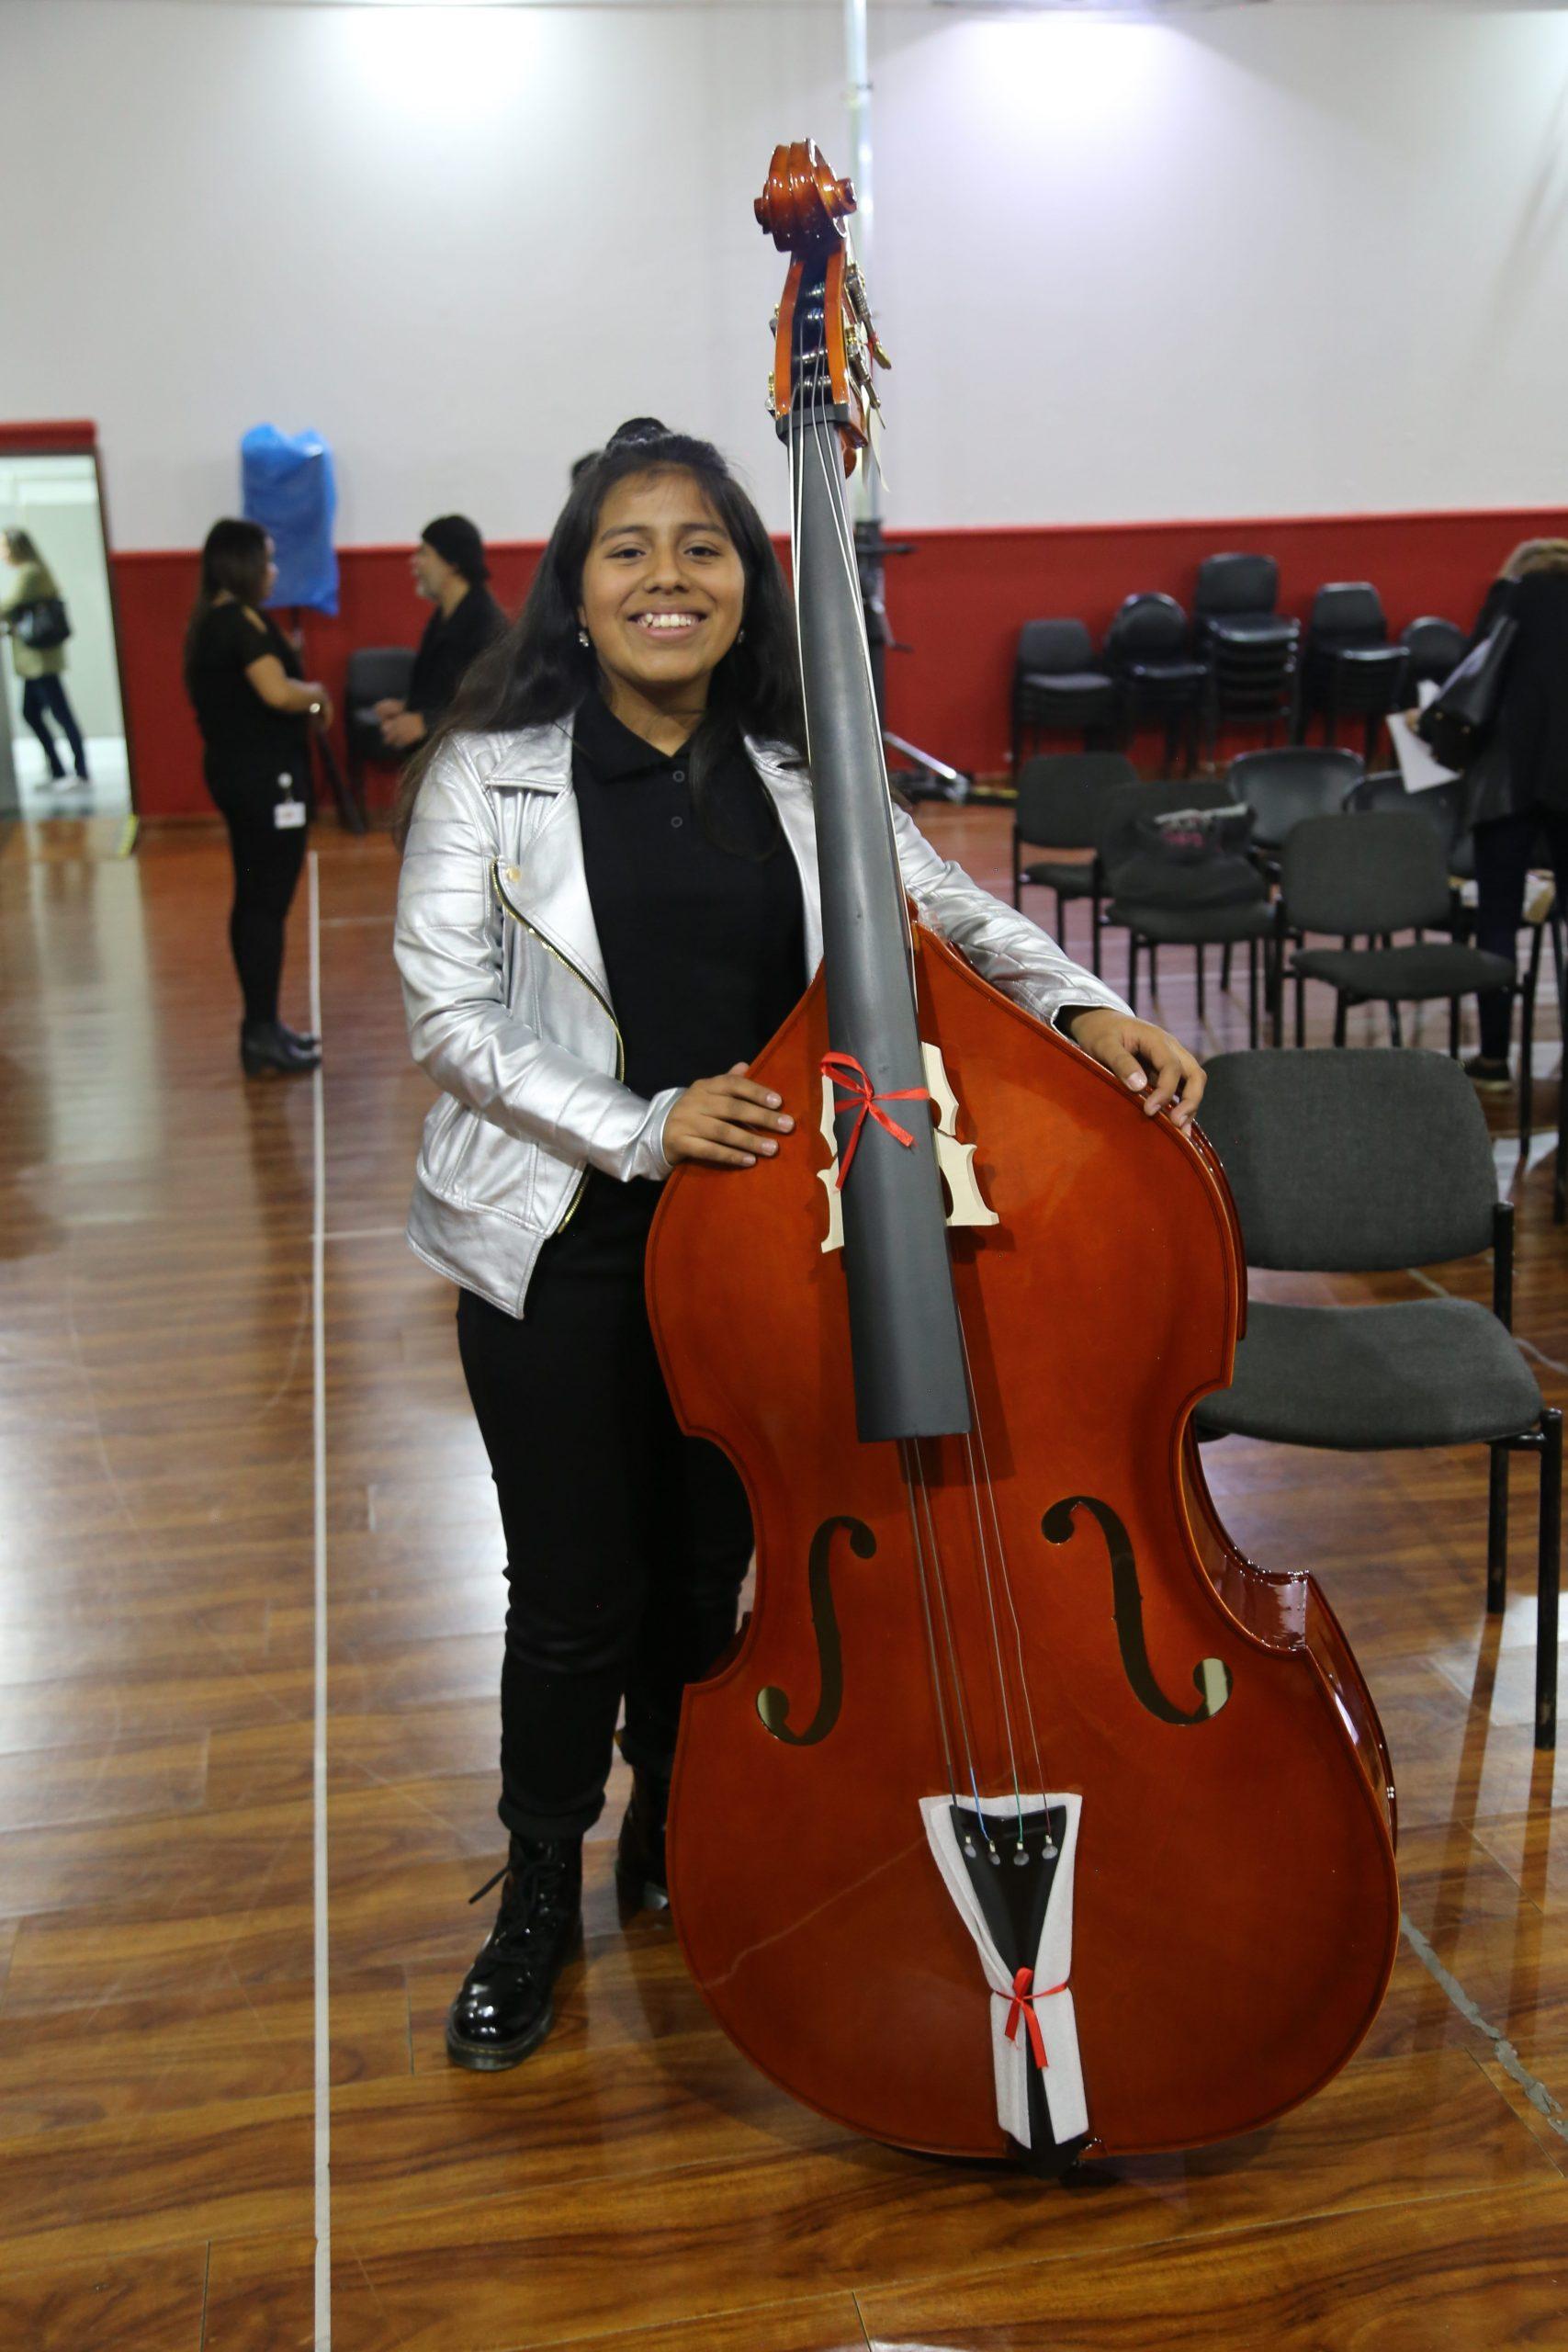 Niranyanna Lee Urbina recibe contrabajo del Banco de Instrumentos Musicales